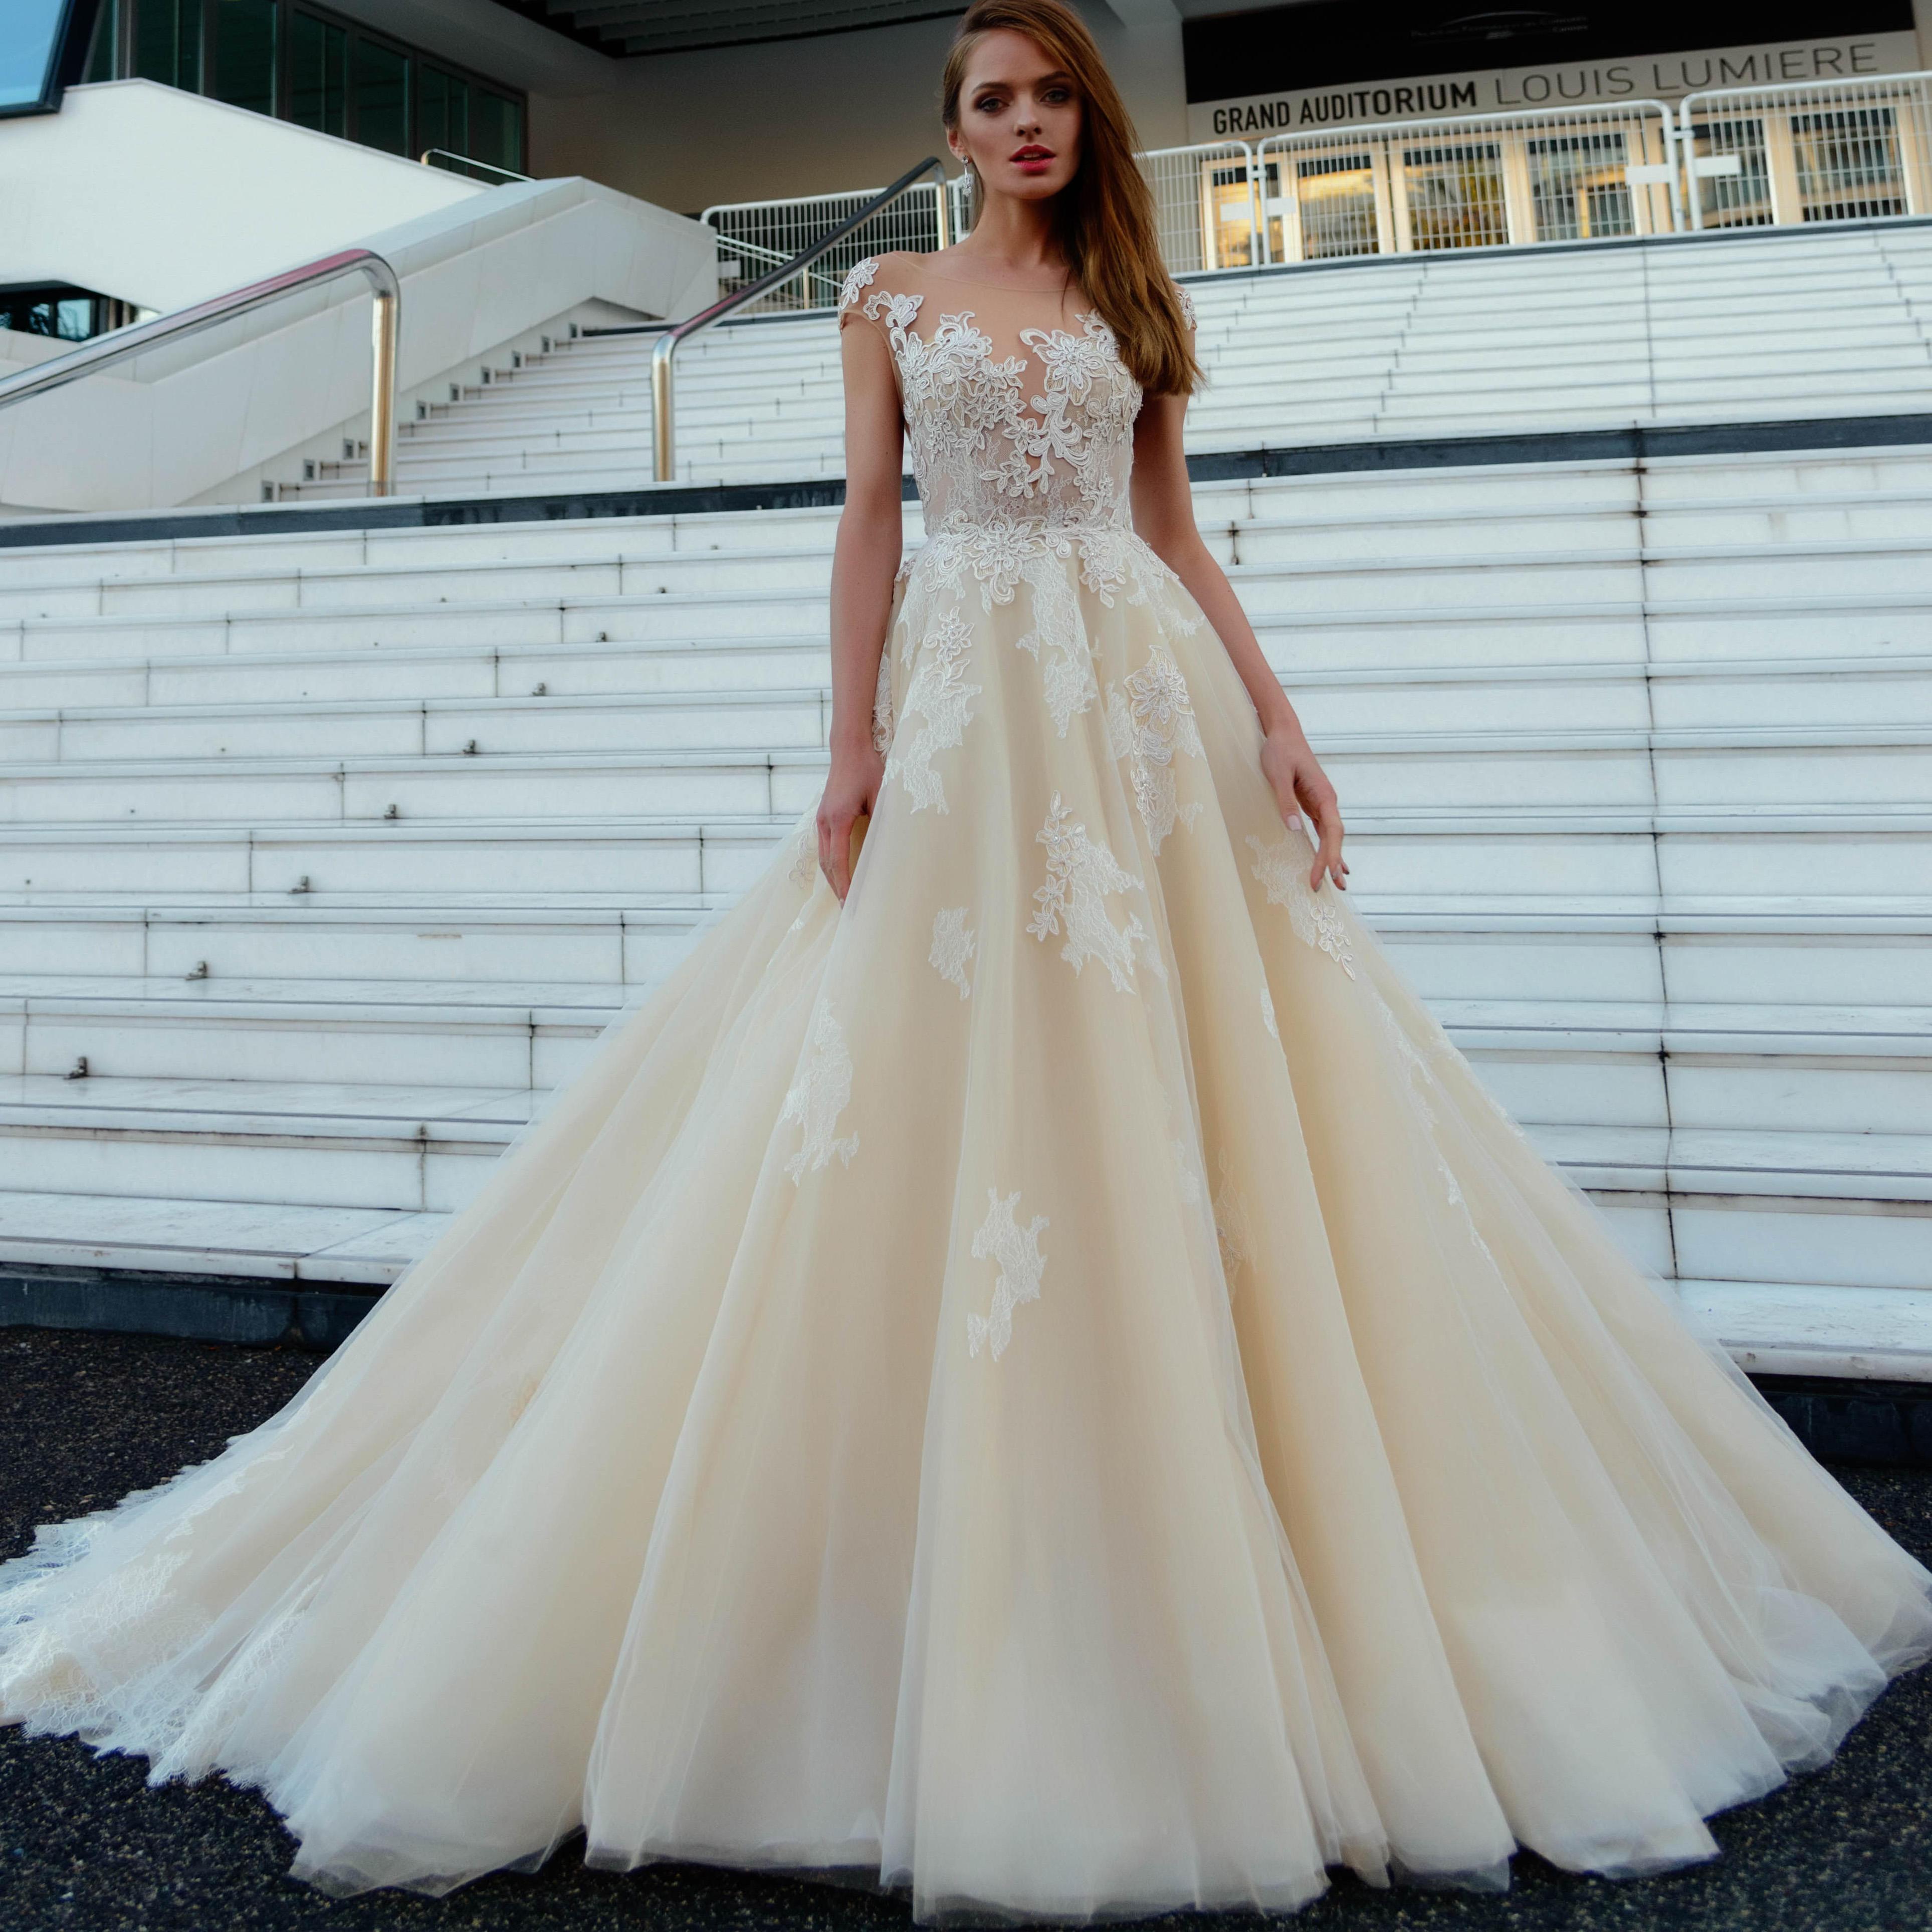 Название для магазина свадебных платьев